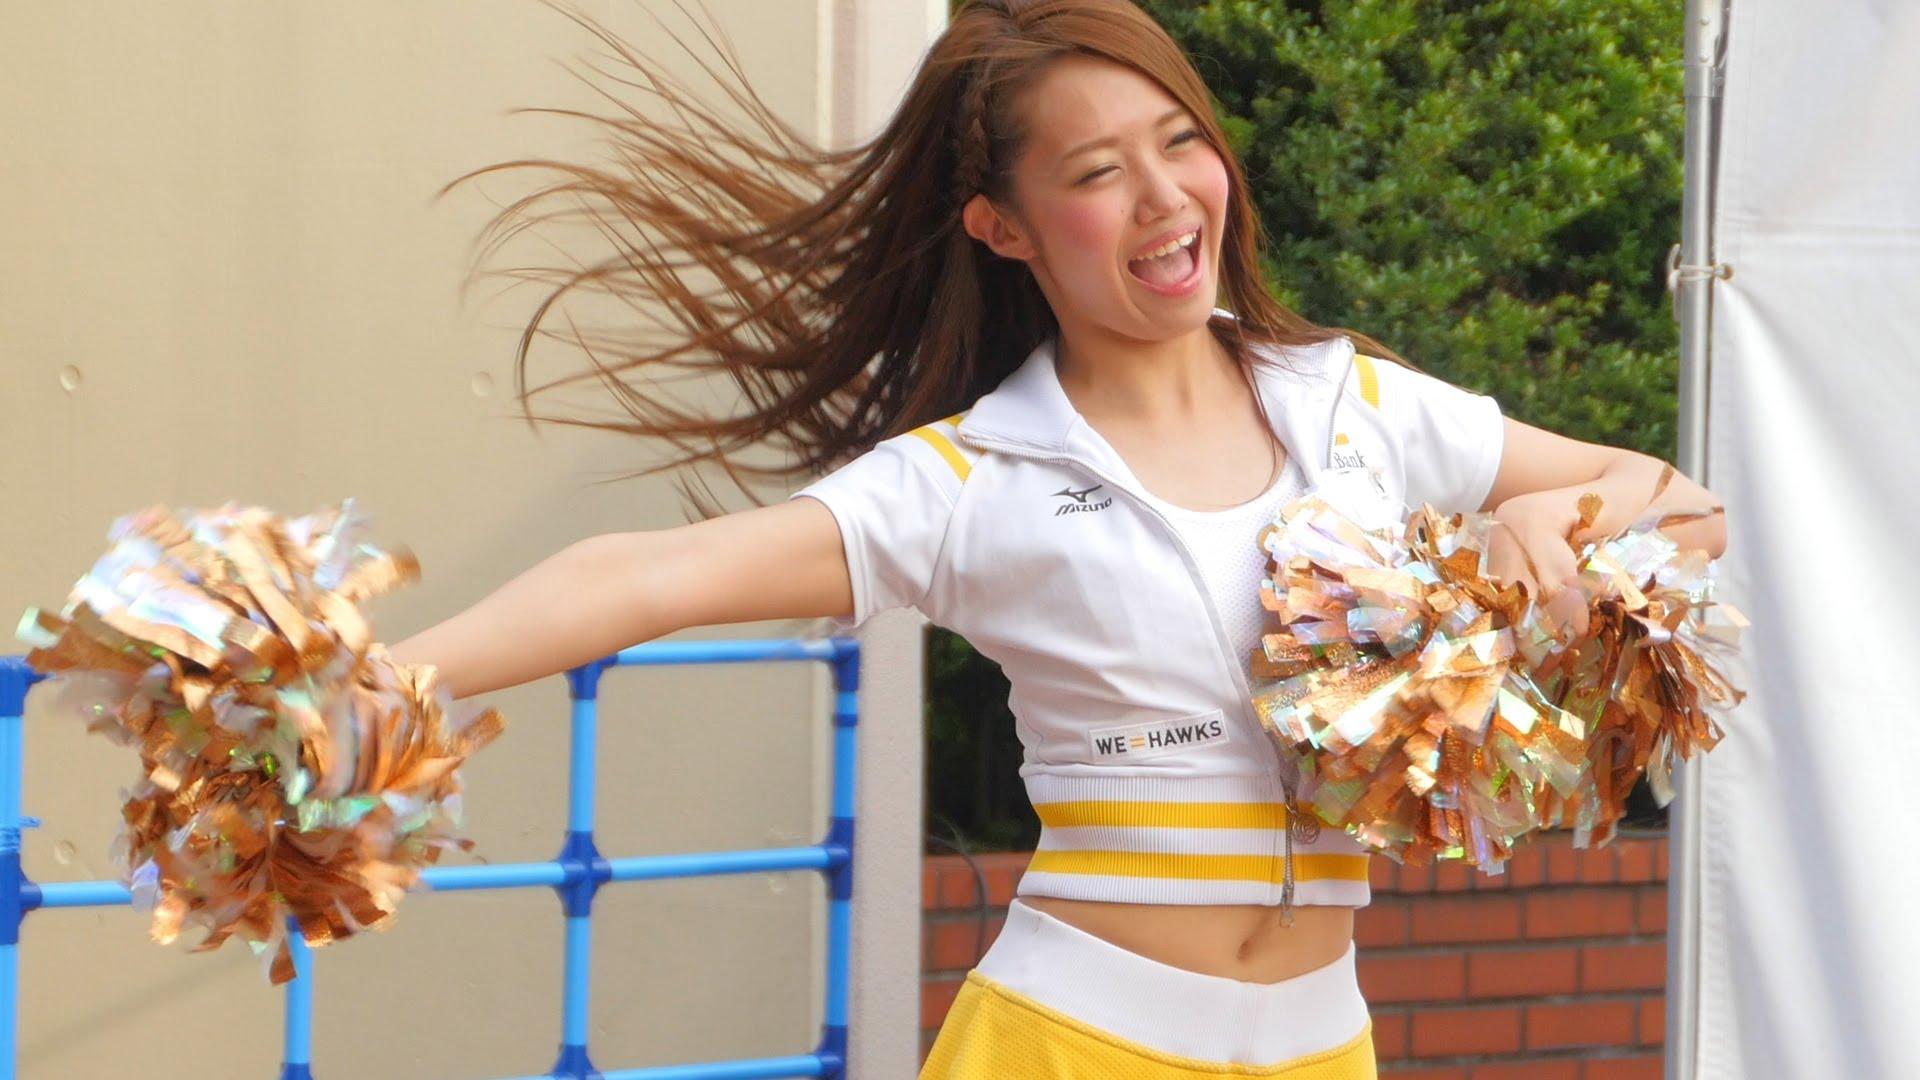 【超ミニスカ】福岡ソフトバンクホークス公式チアチーム 【ハニーズ】